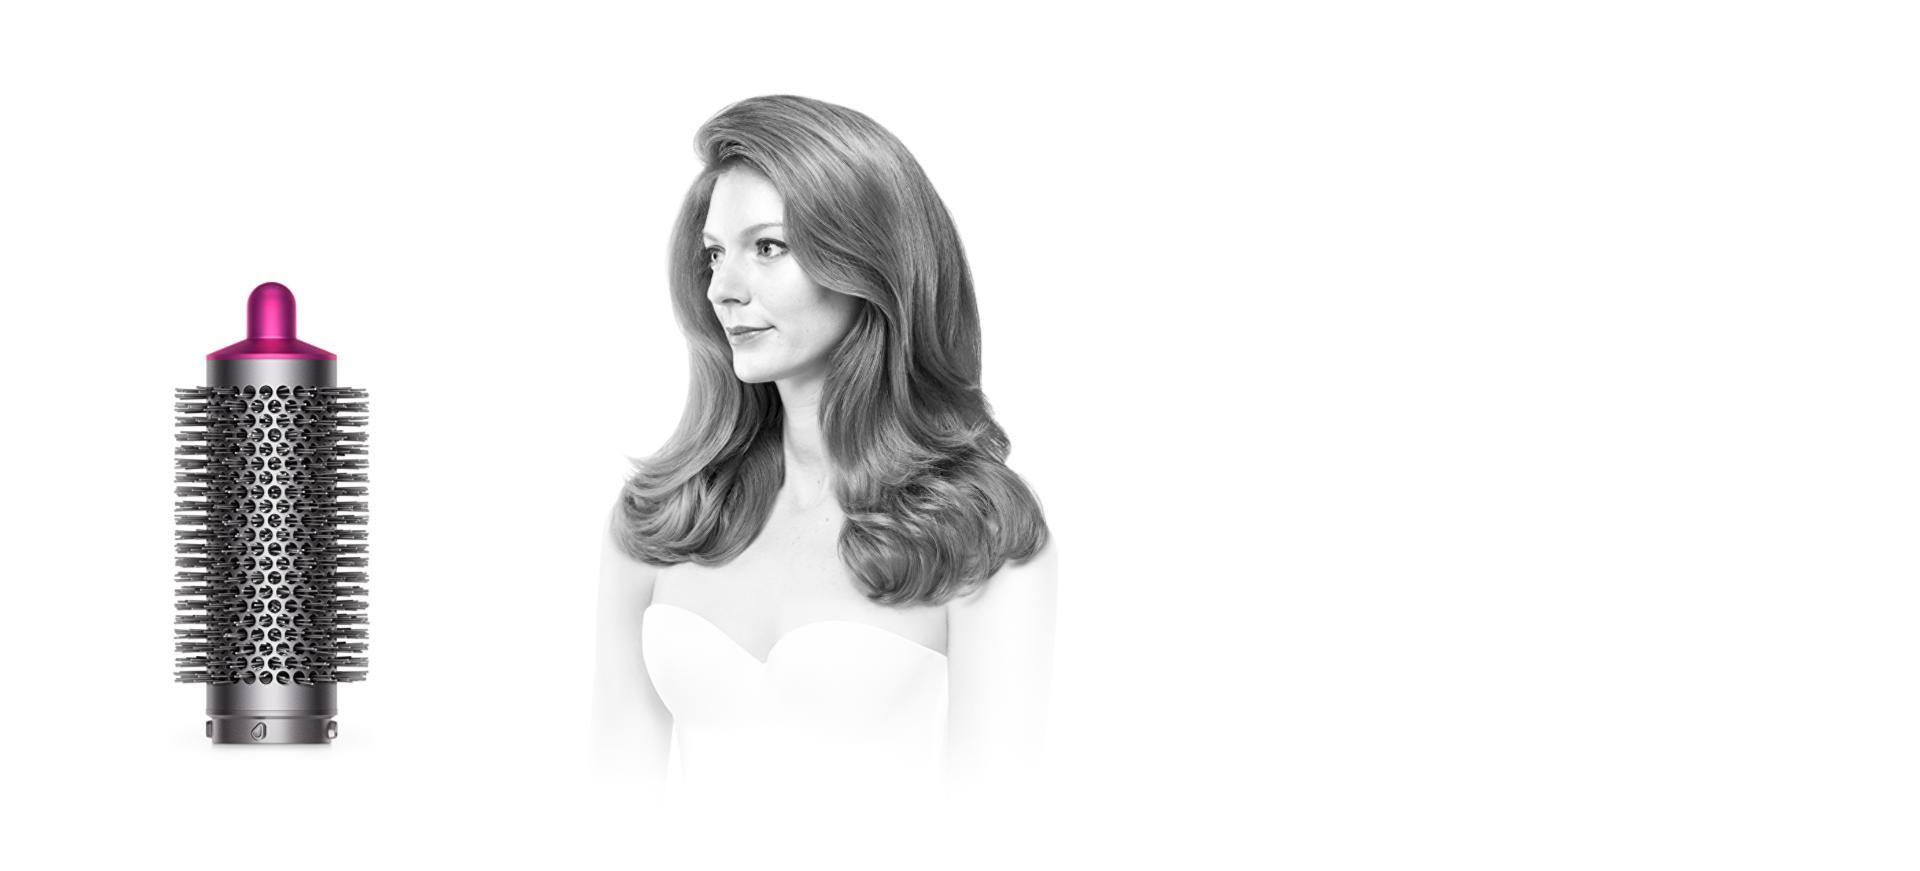 فرشاة التكثيف المستديرة مع امرأة ذات شعر مجعد